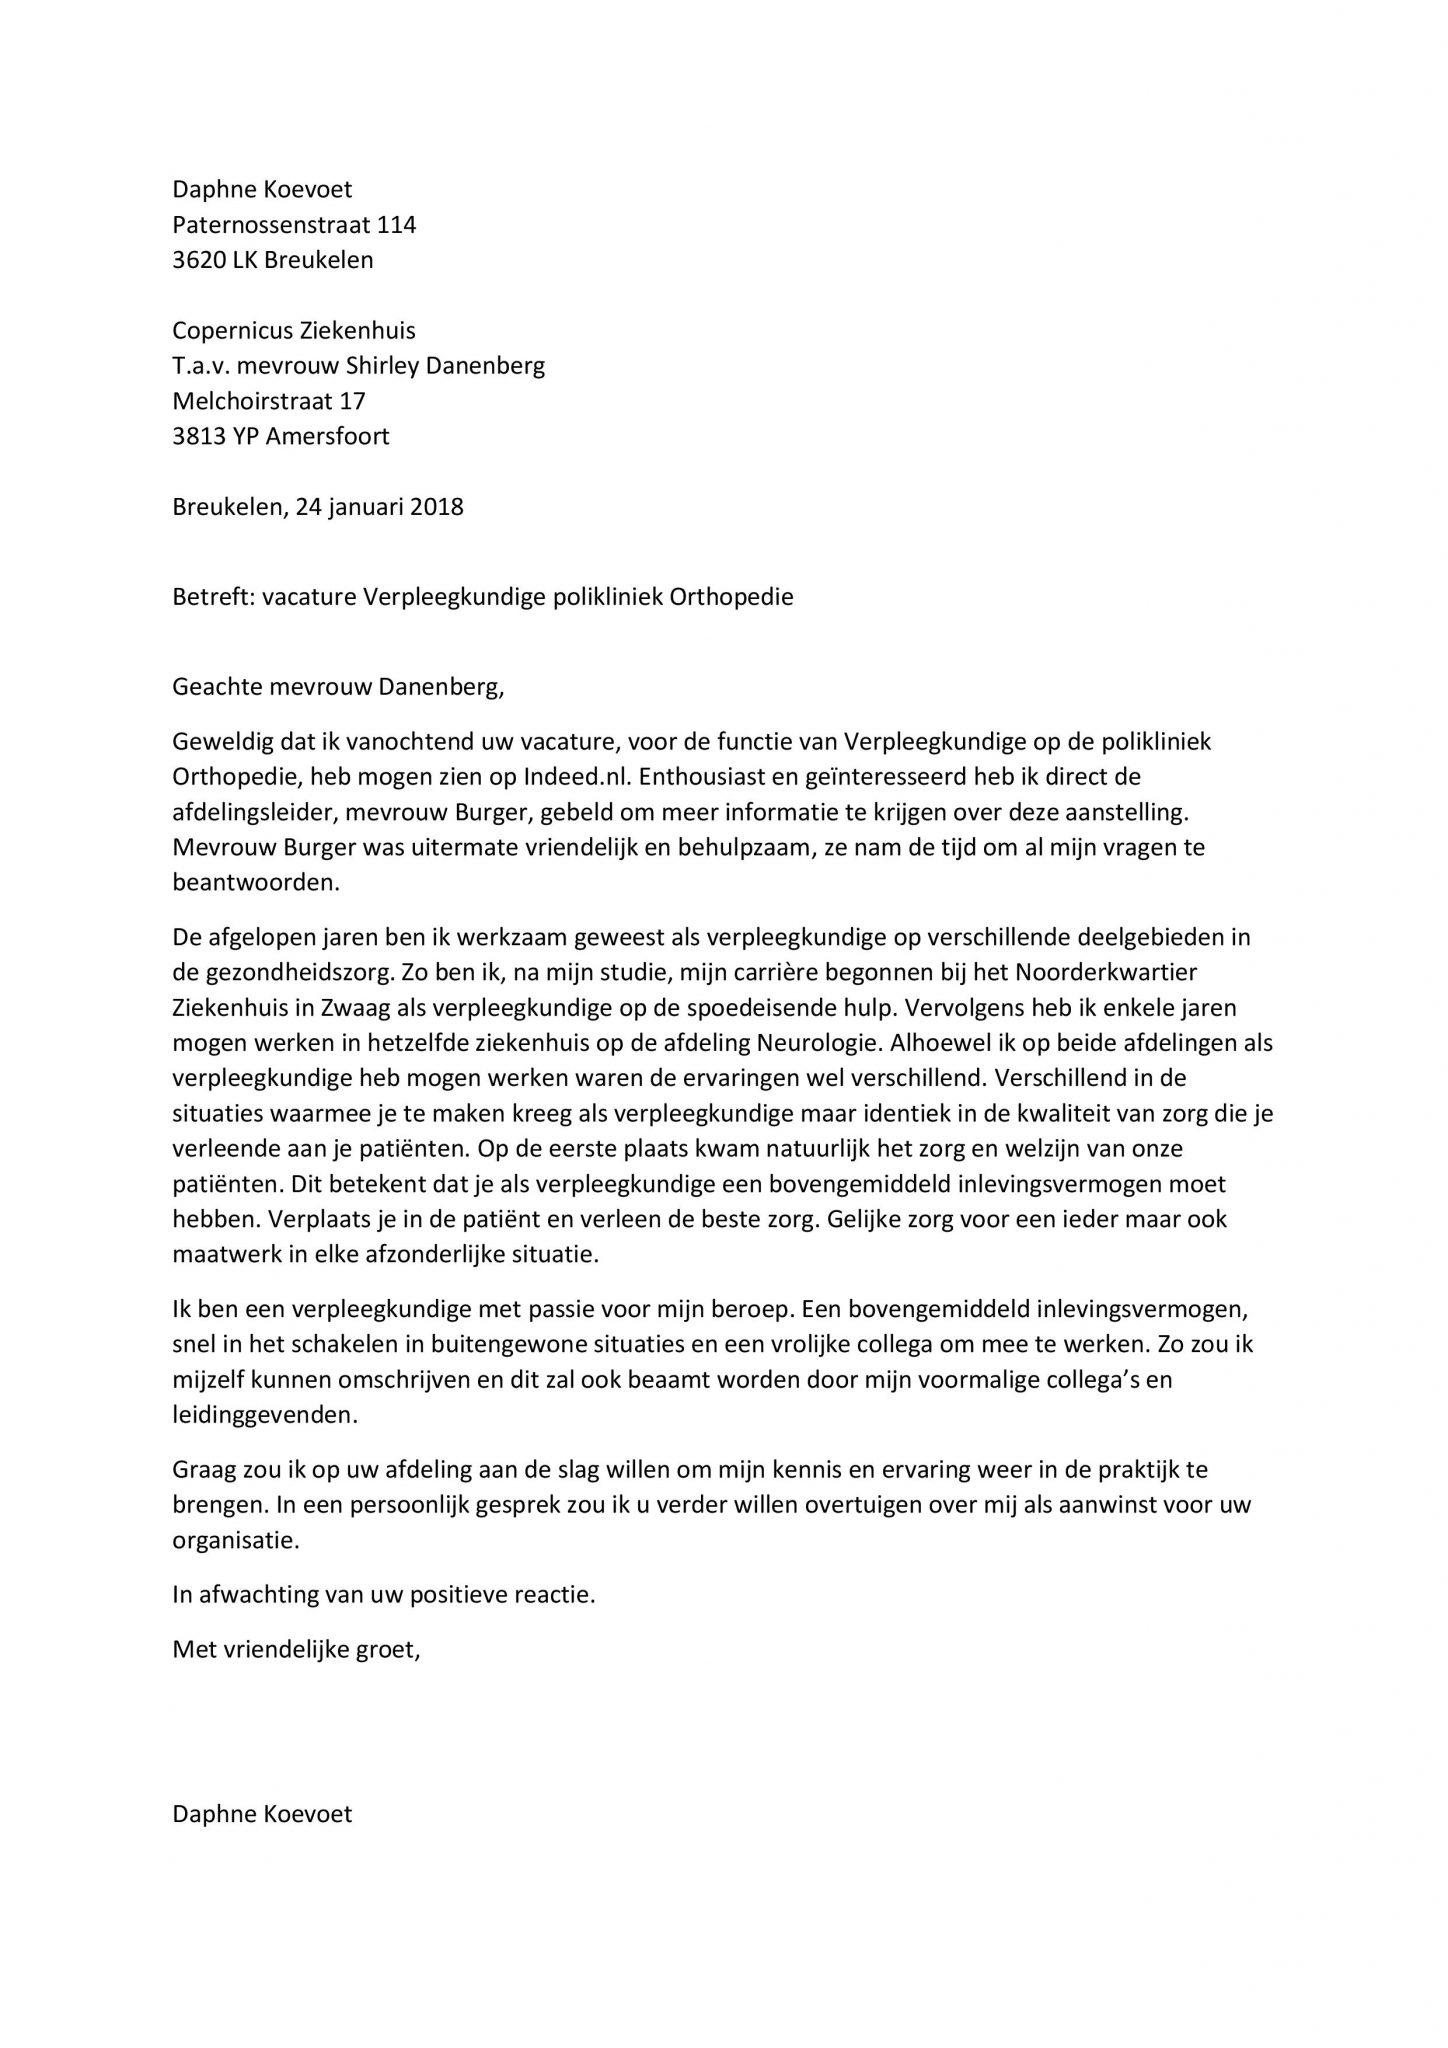 Sollicitatiebrief Verpleegster | Top Brief Voor De Ervaren